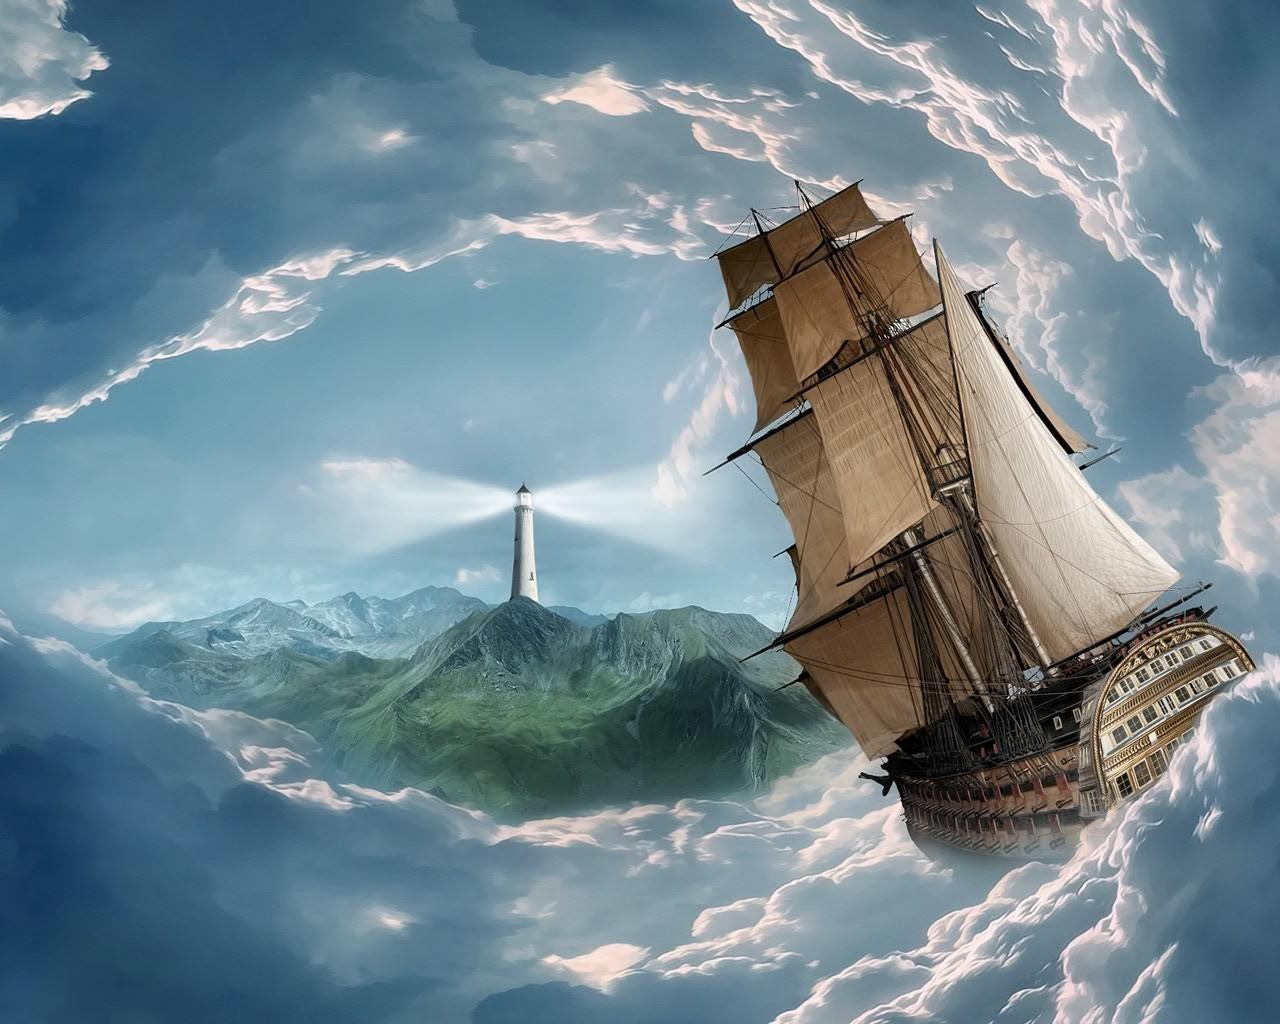 корабль маяк обои на рабочий стол № 499009 загрузить